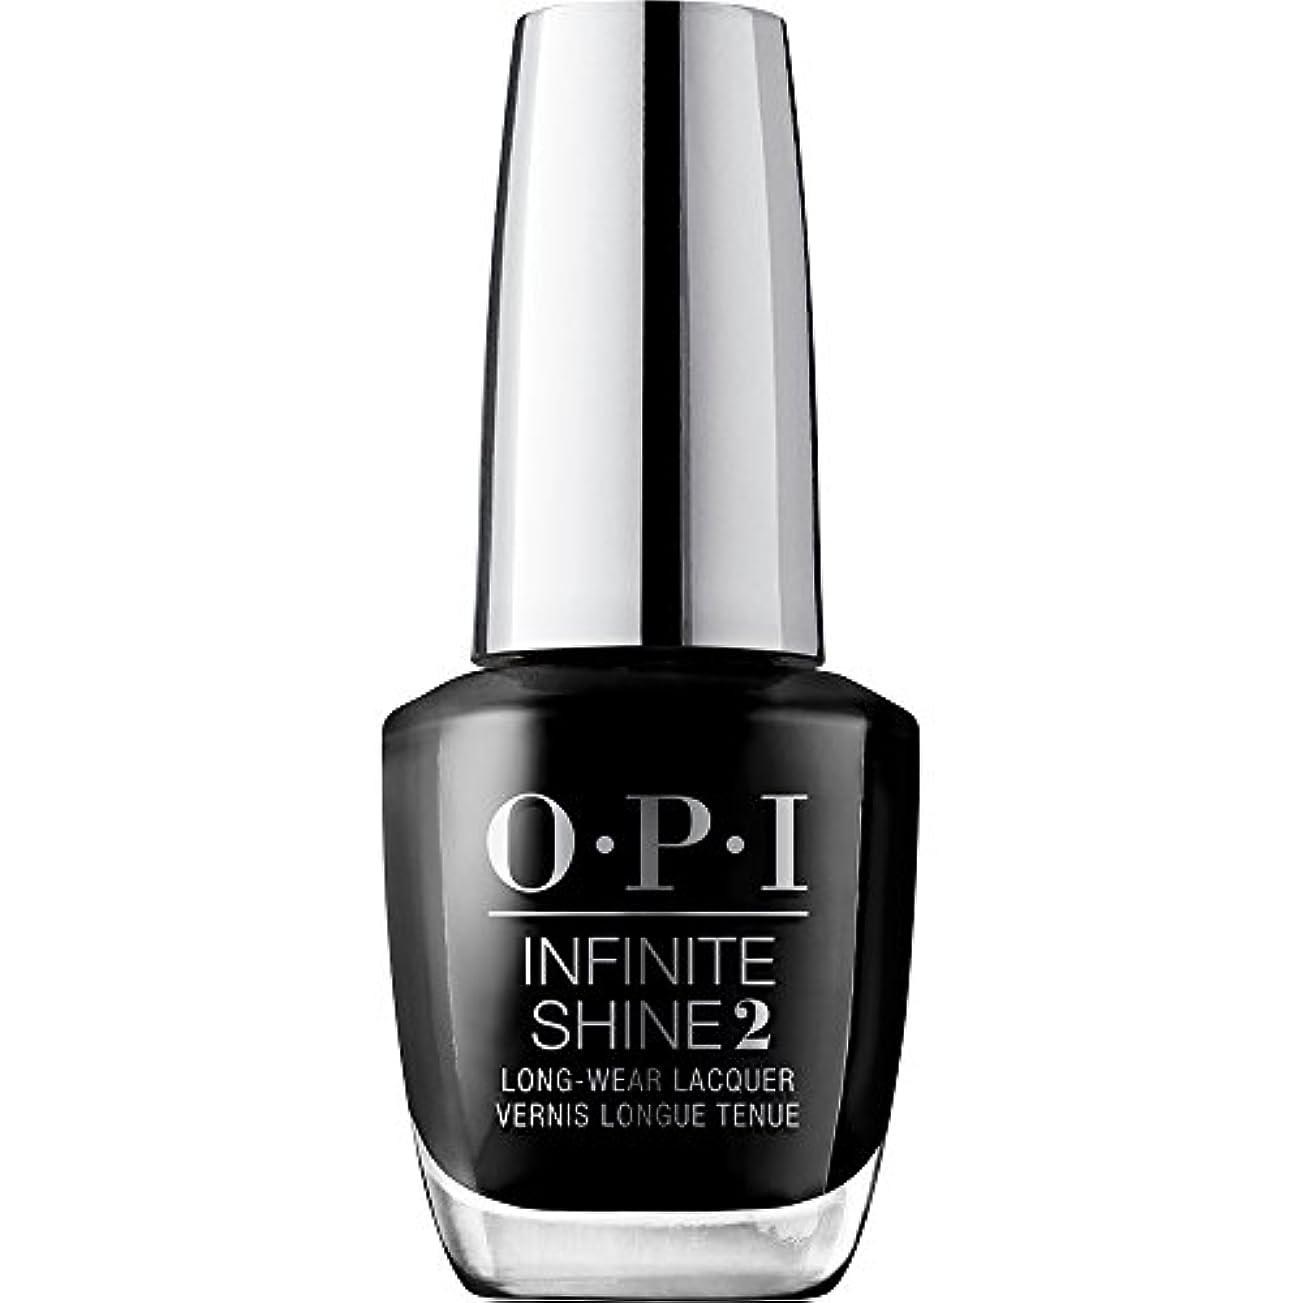 覆す従順分布OPI(オーピーアイ) インフィニット シャイン ISL T02 ブラック オニキス